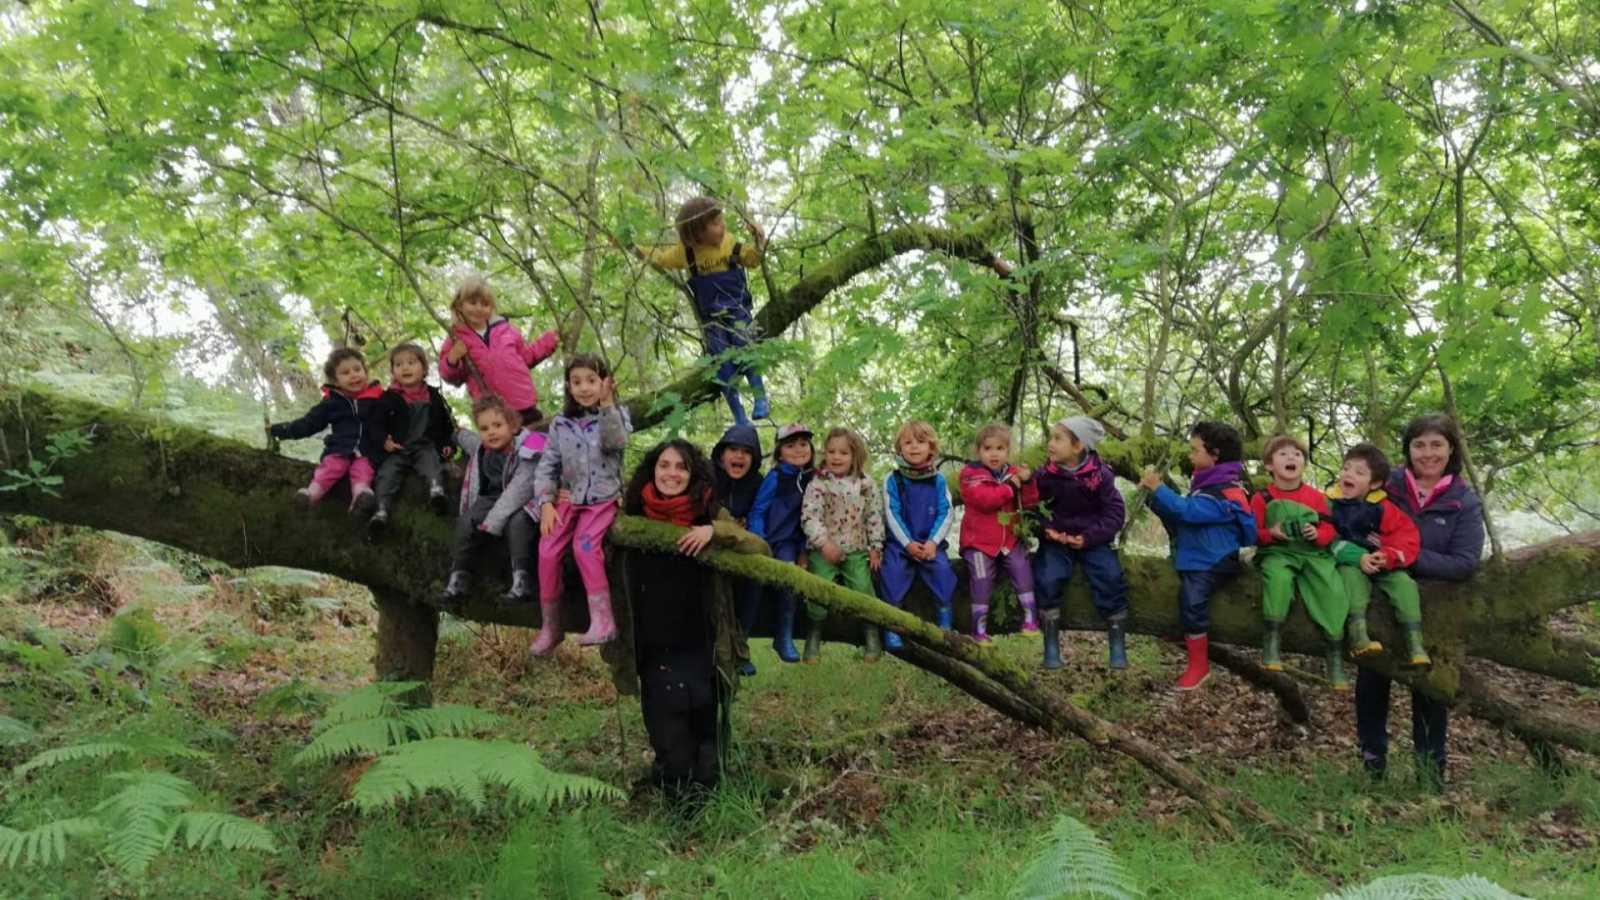 Sin atajos - Niños y Naturaleza: aprender sin riesgo - 28/09/20 - escuchar ahora